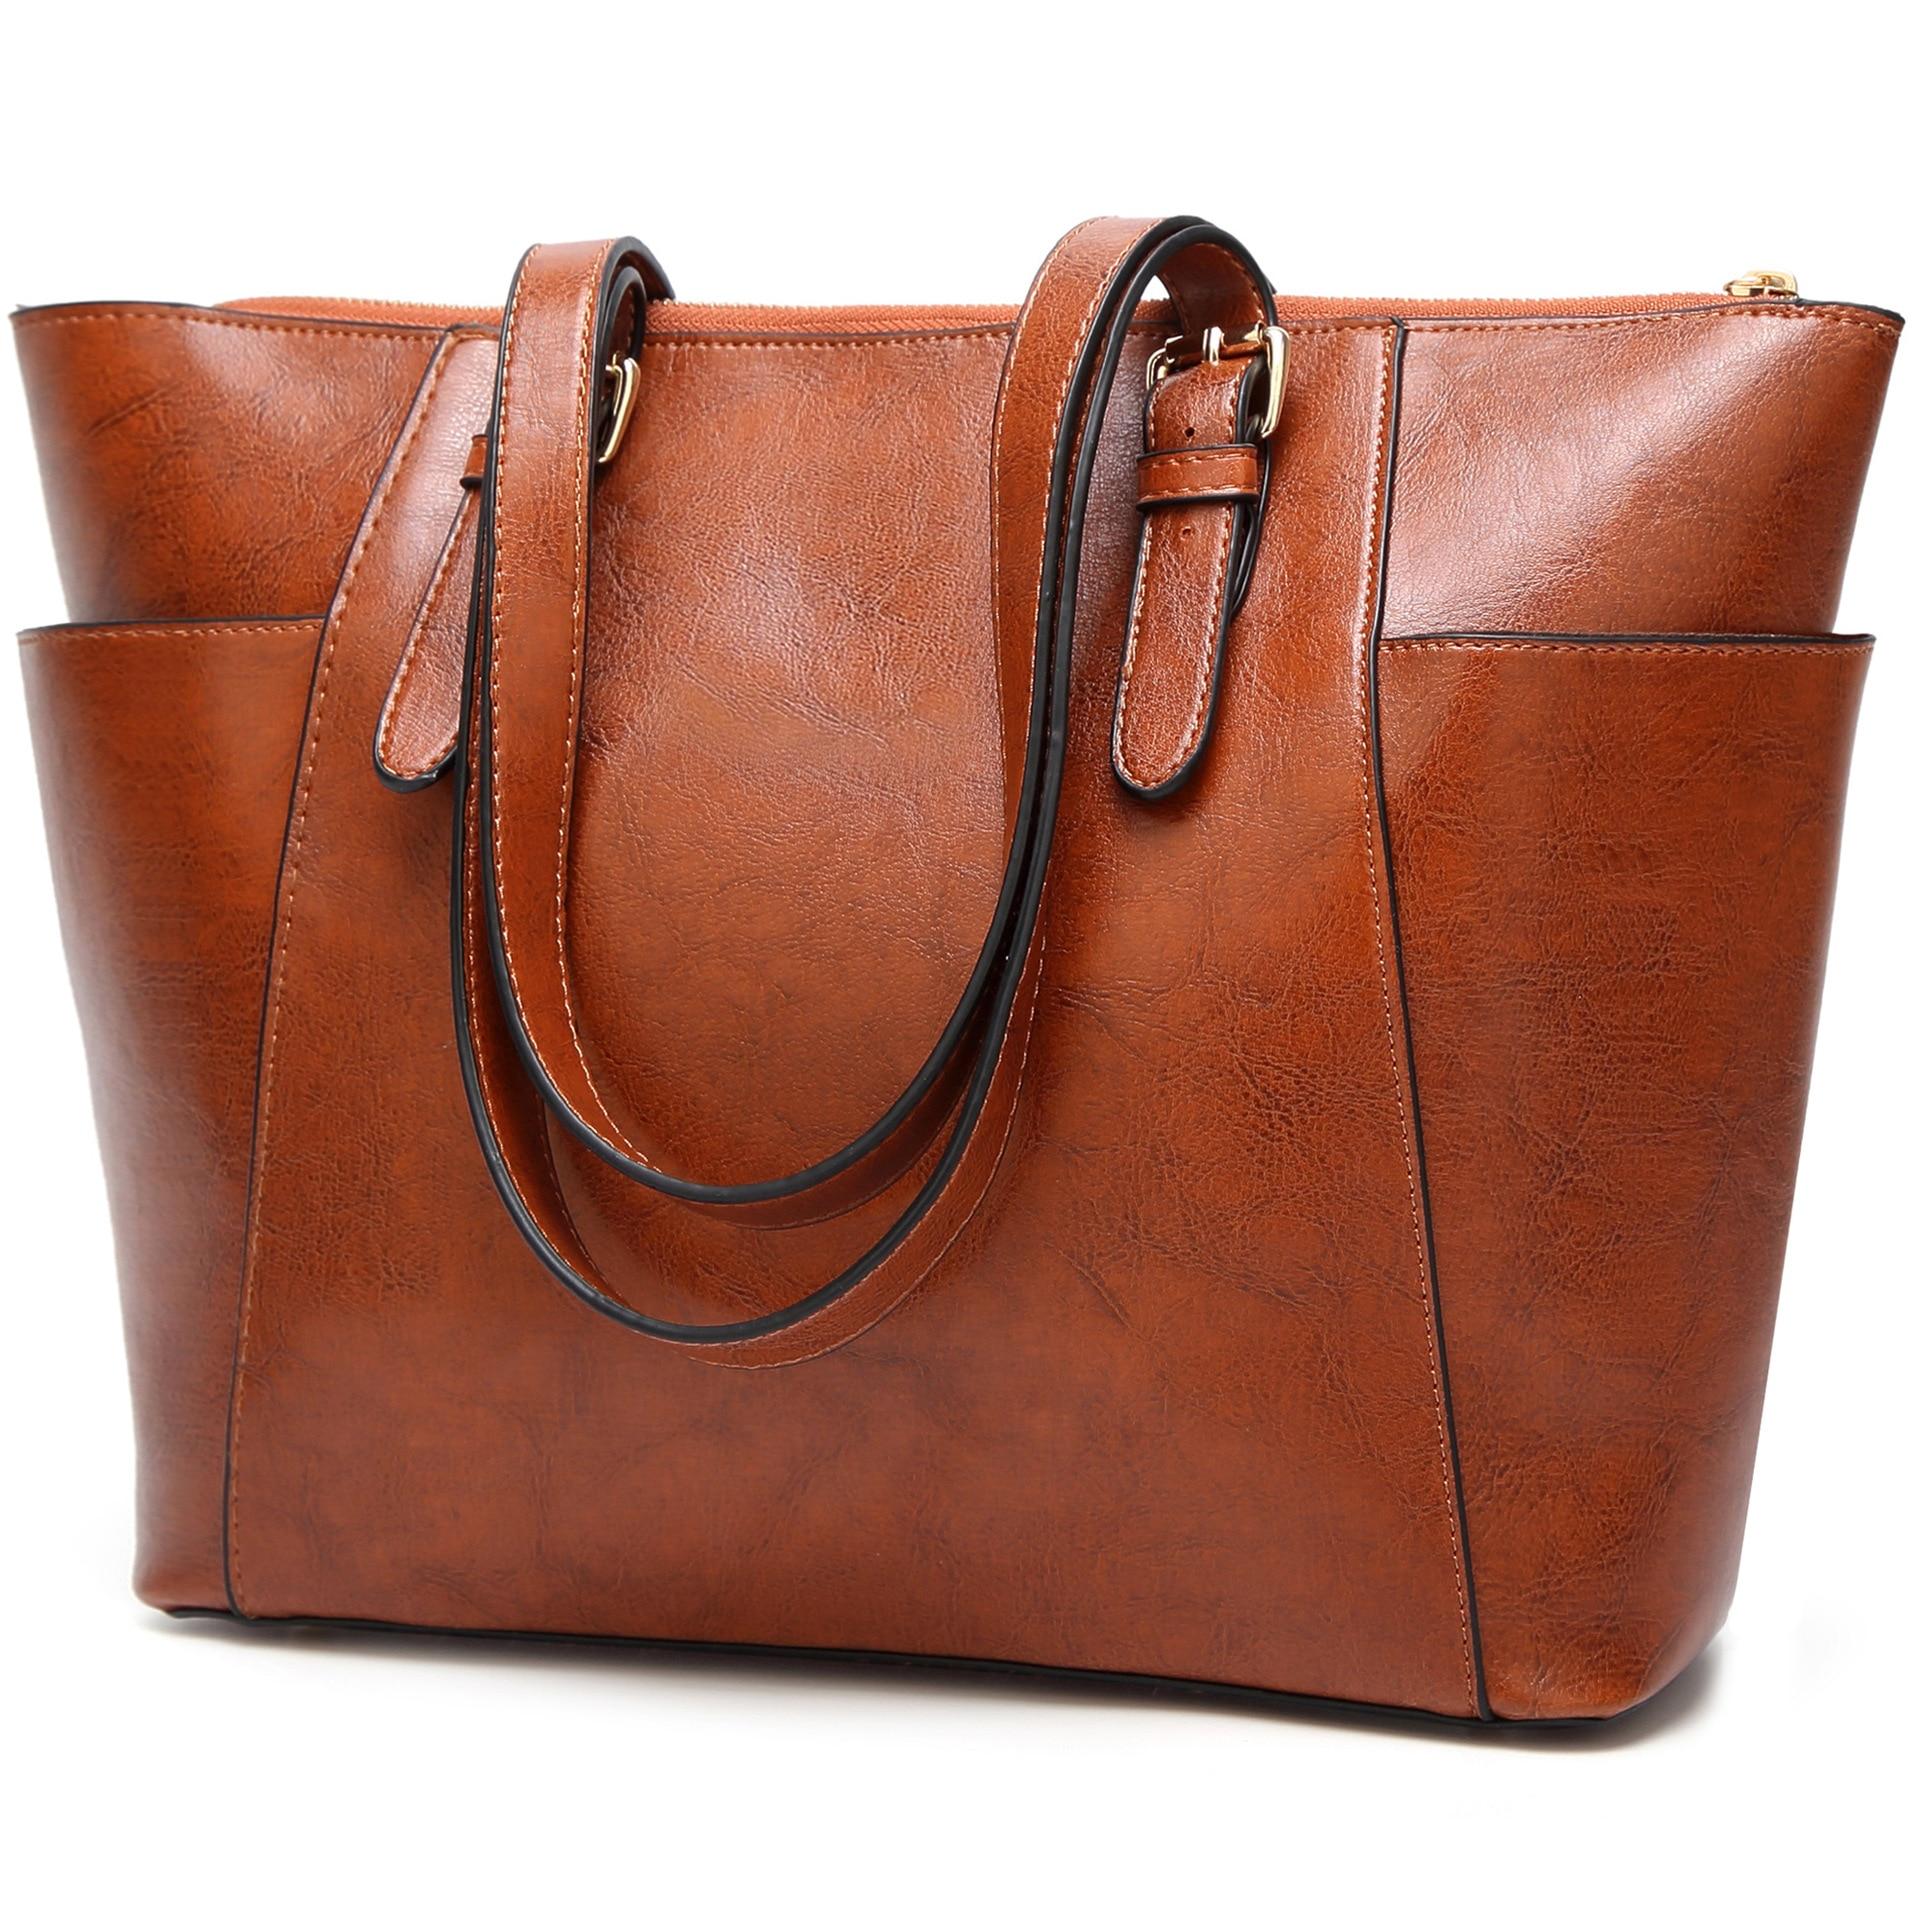 2019 Fashion Women's Bag Single Shoulder Messenger Bag Foreign Trade Waxy Women's Bag